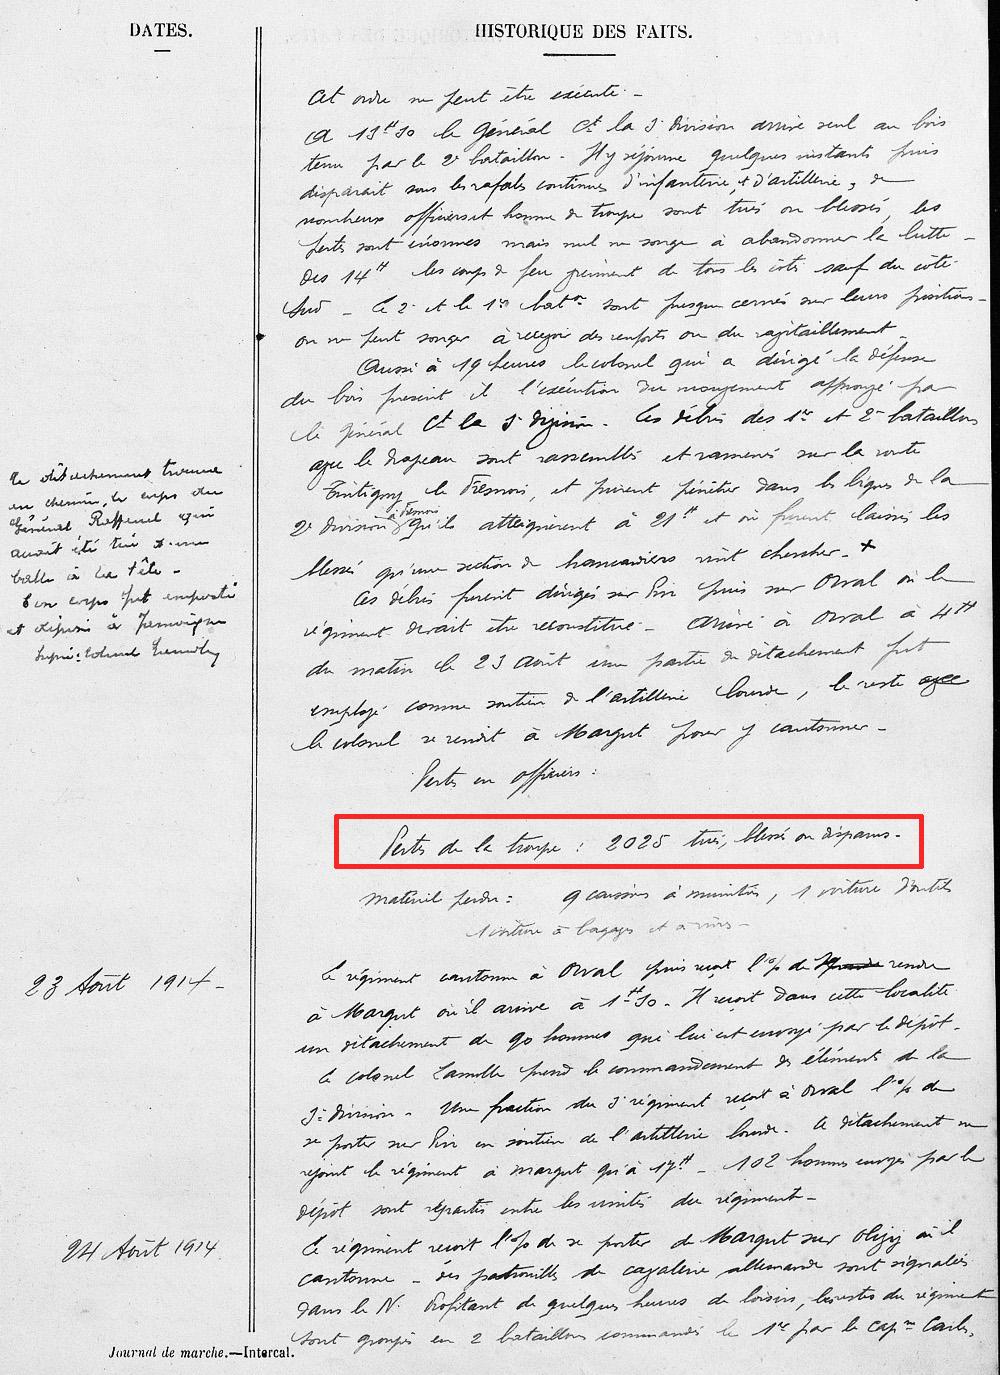 extrait jmo 18 au 23 aout 1914 page 3